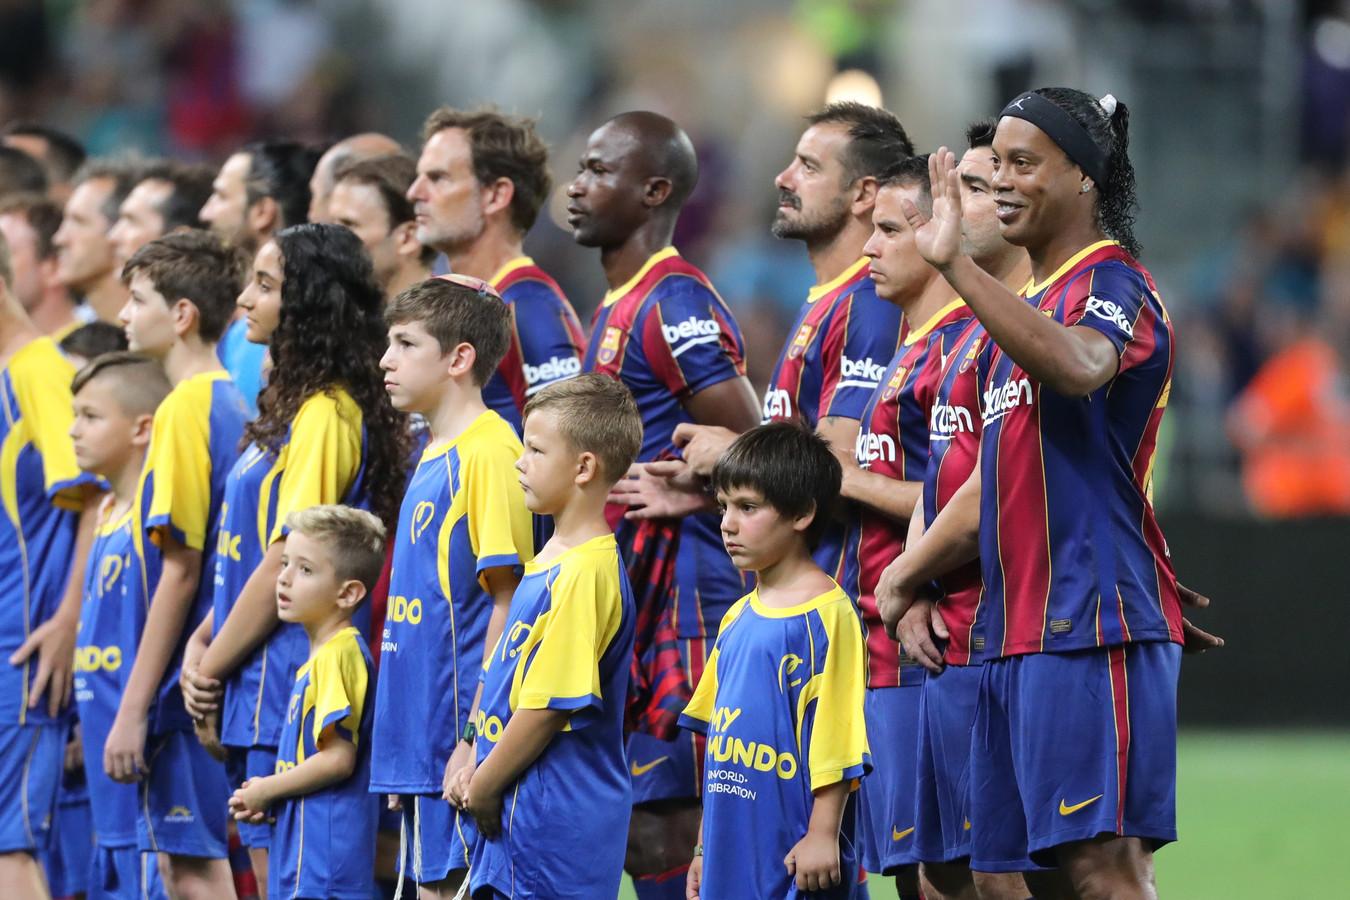 Ronaldinho zwaait naar de fans voor aanvang van de wedstrijd.